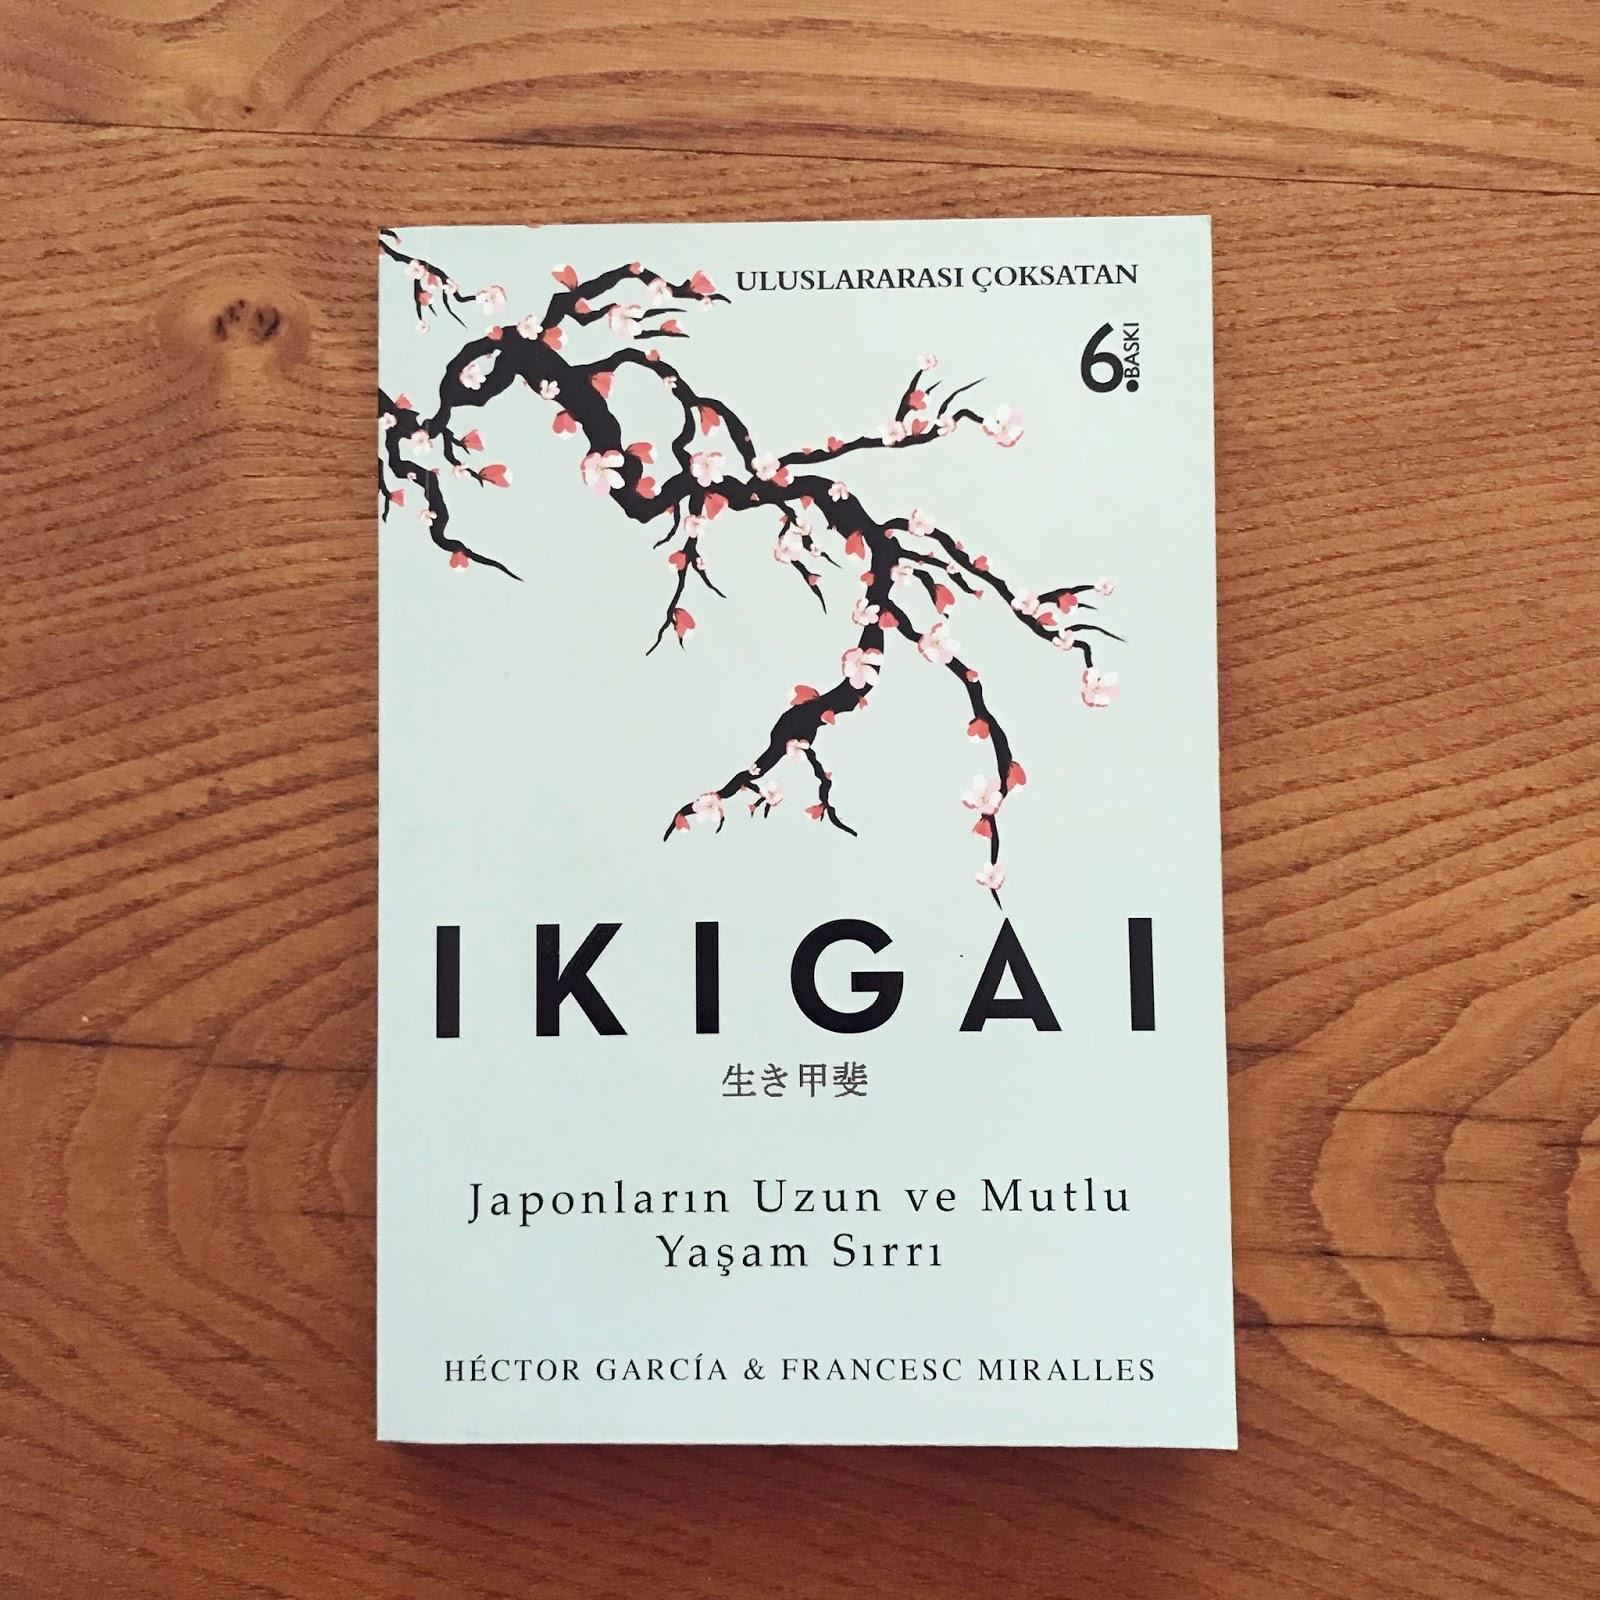 Ikigai - Japonlarin Uzun ve Mutlu Yasam Sirlari